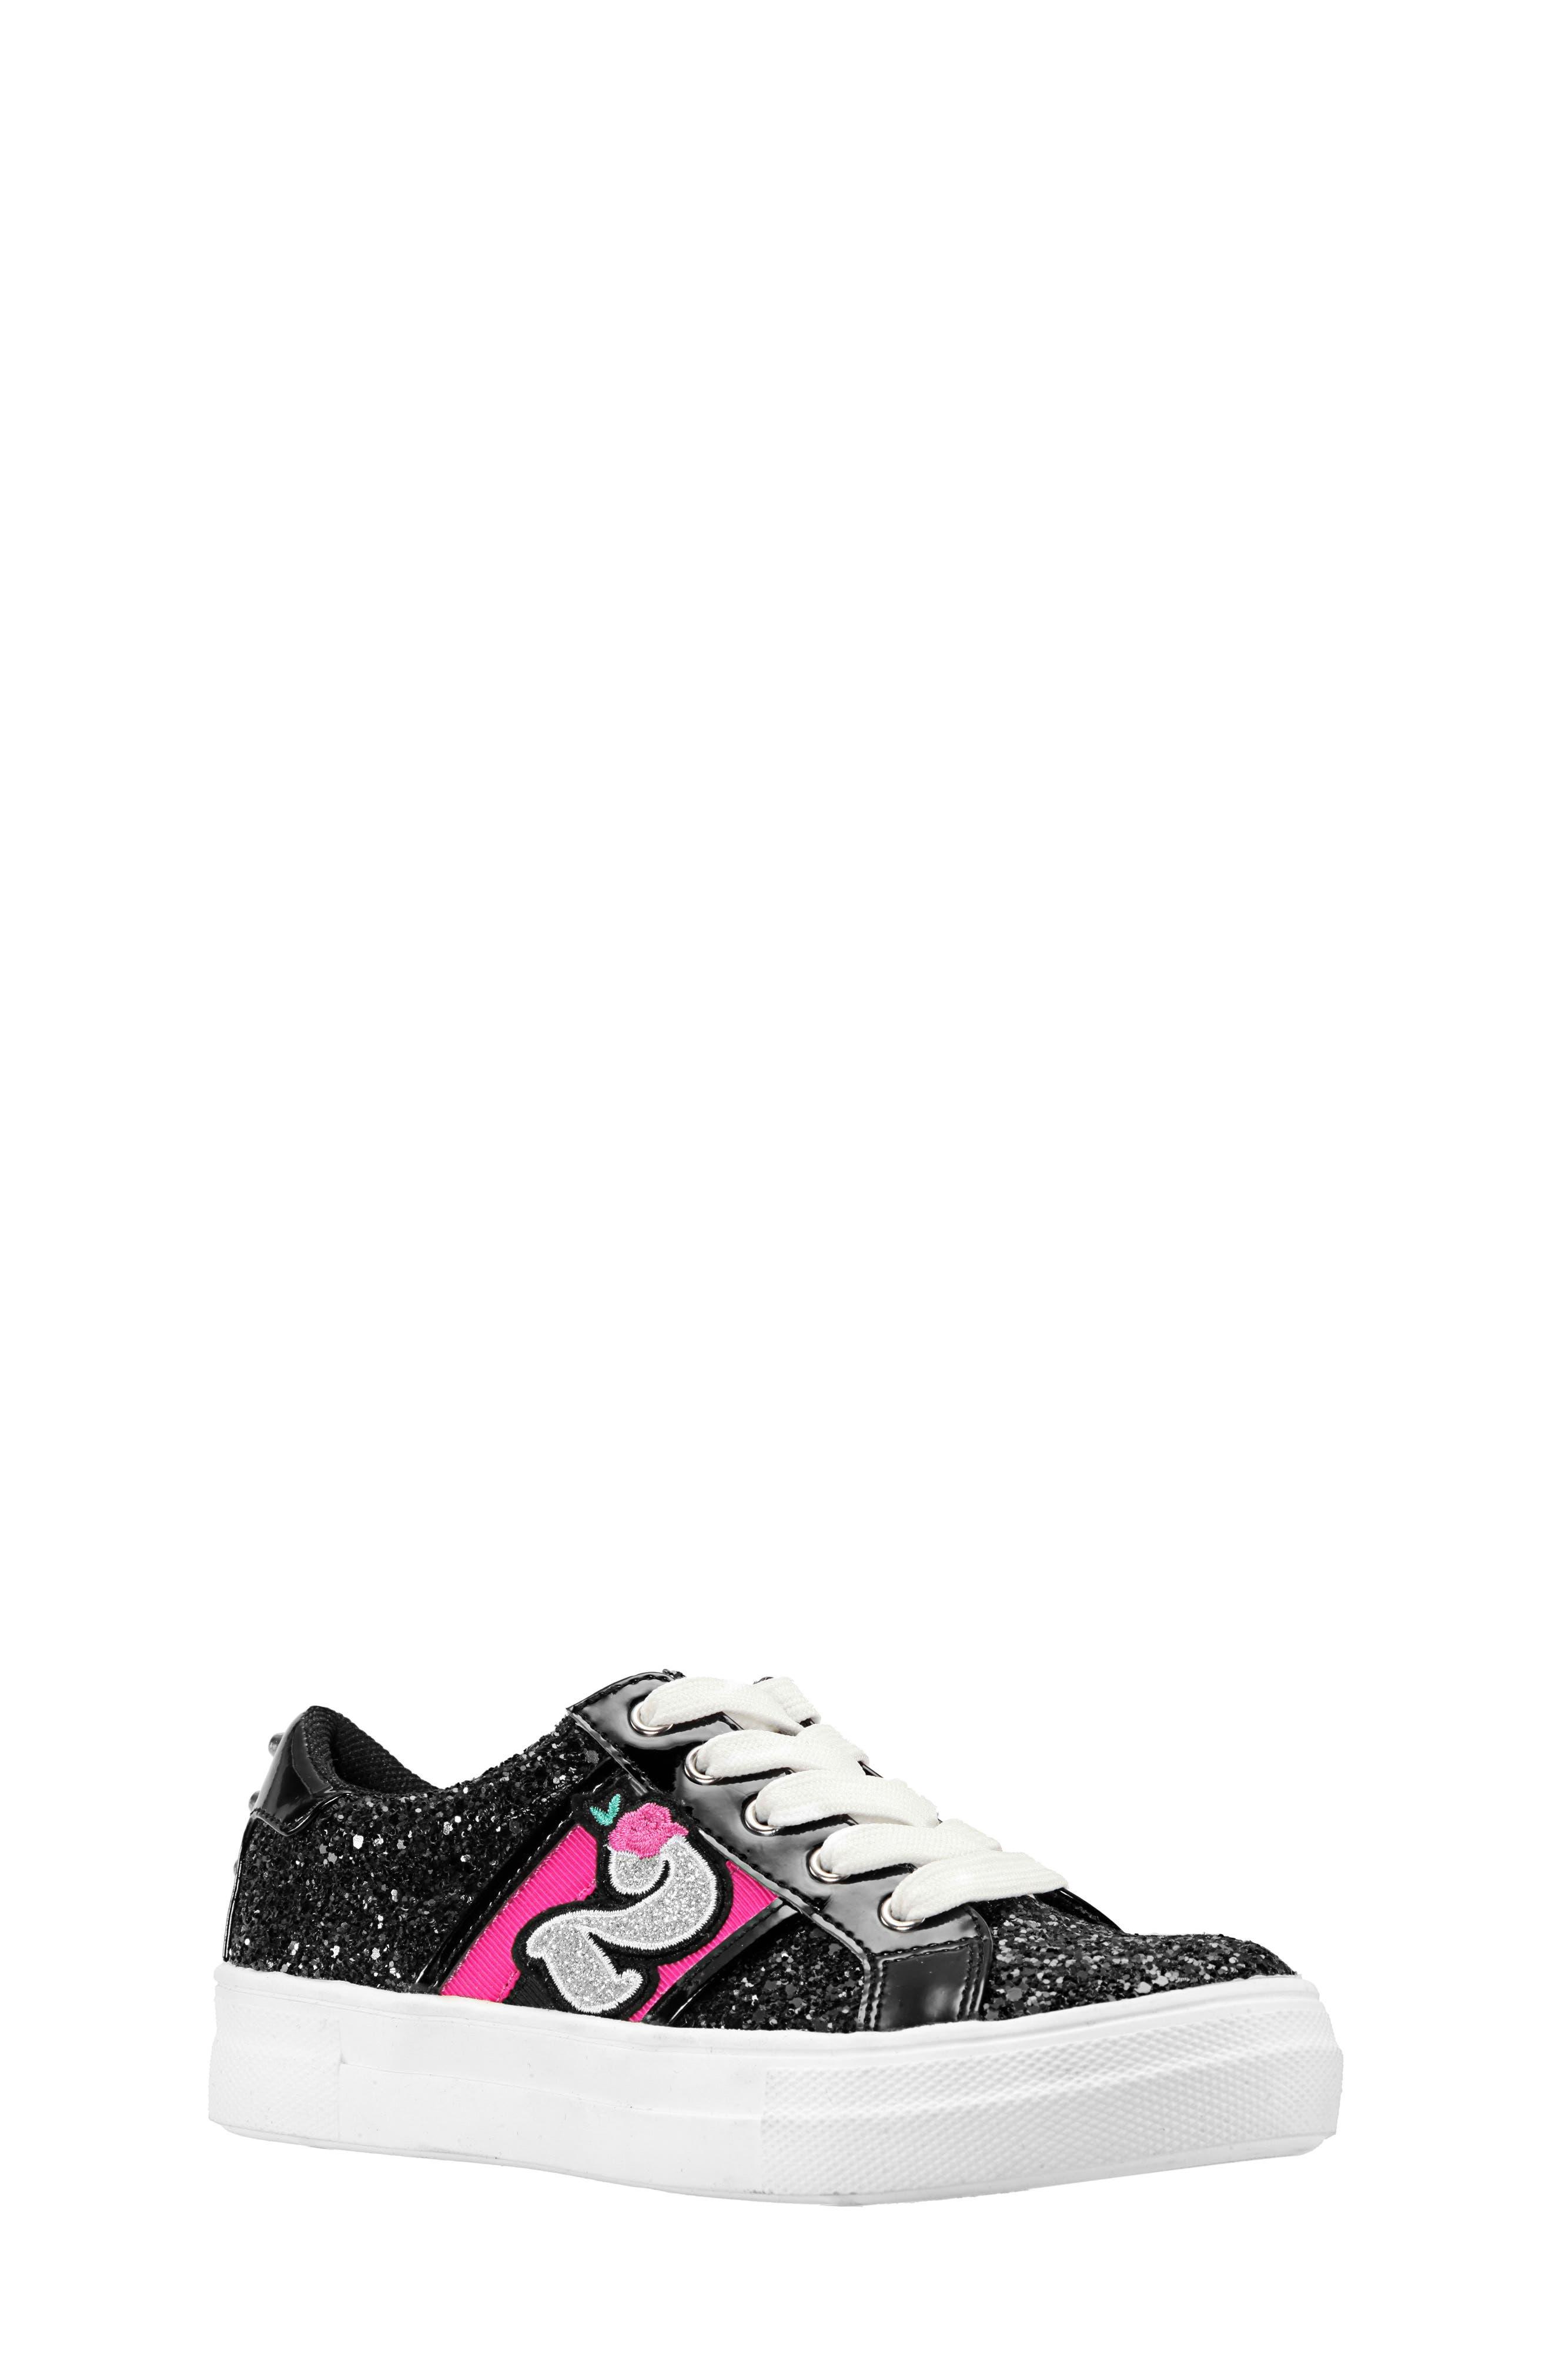 Hazeline-N Glitter Sneaker,                         Main,                         color, BLACK CHUNKY GLITTER